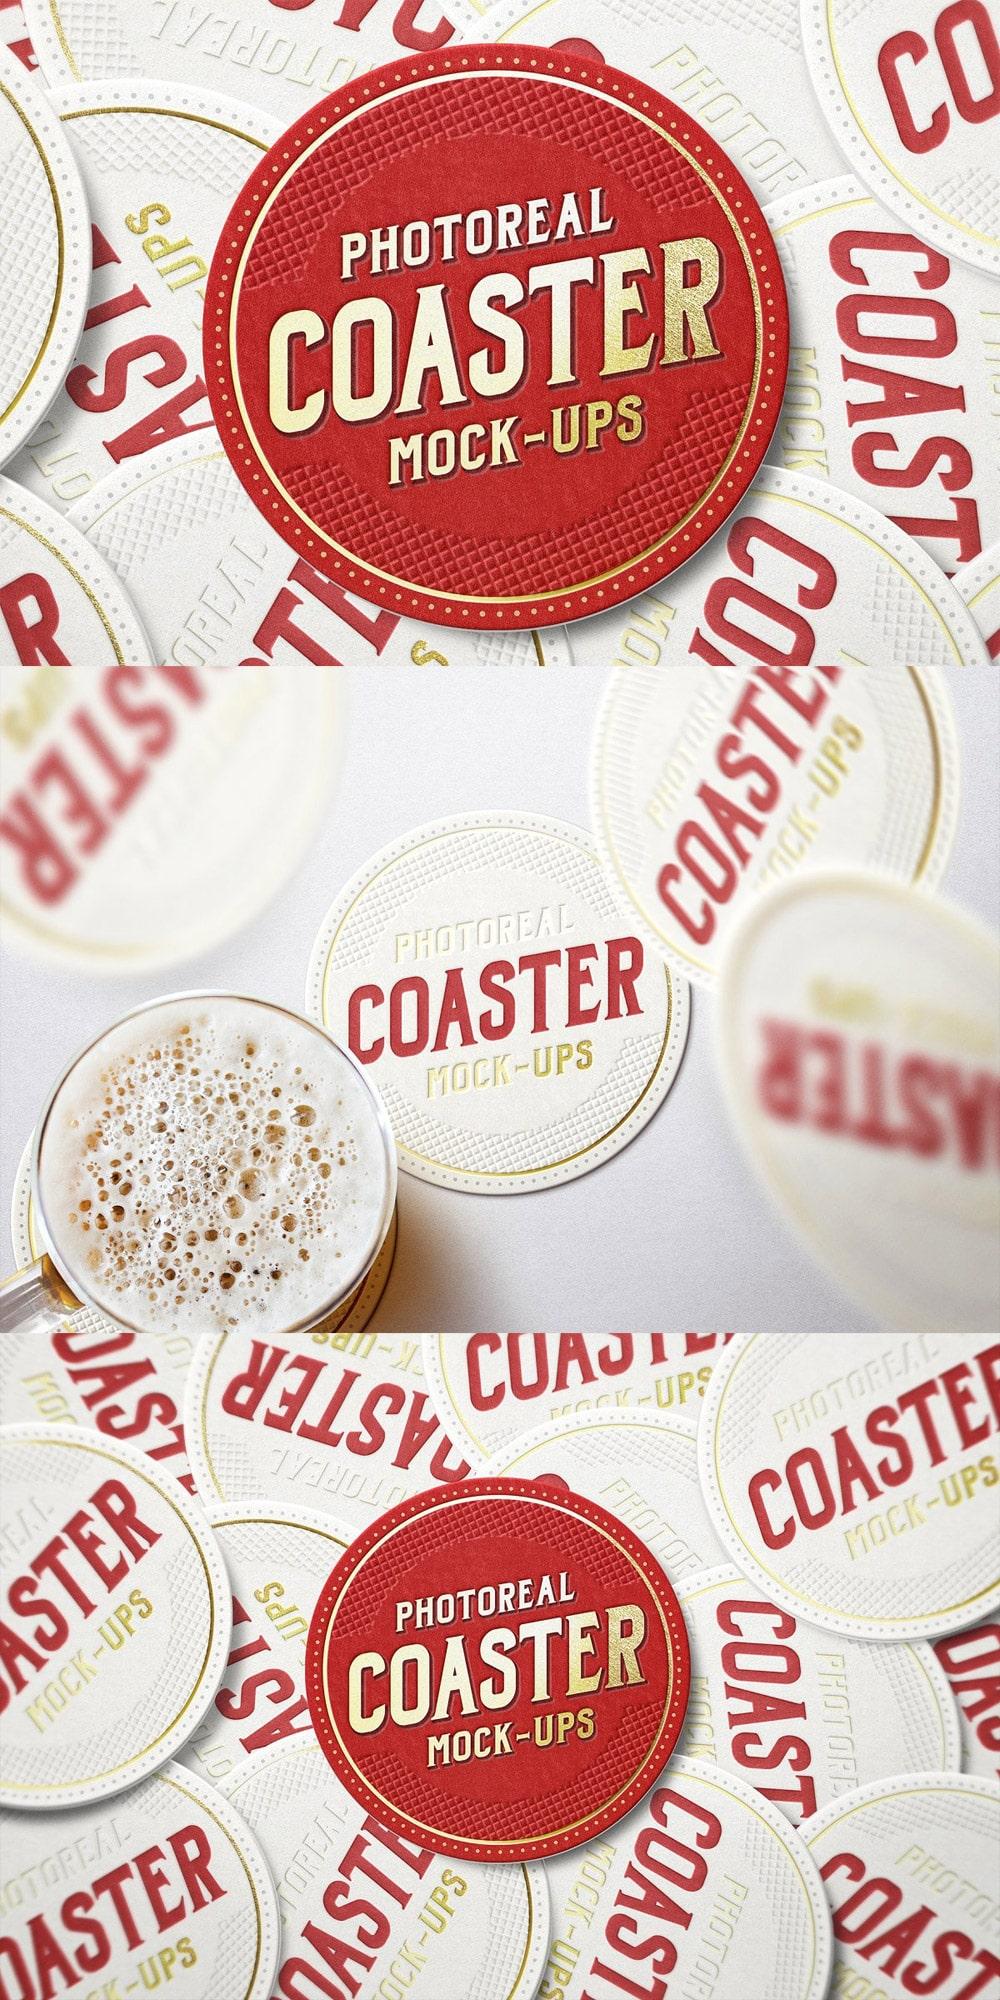 Photoreal Coaster Mockups PSD